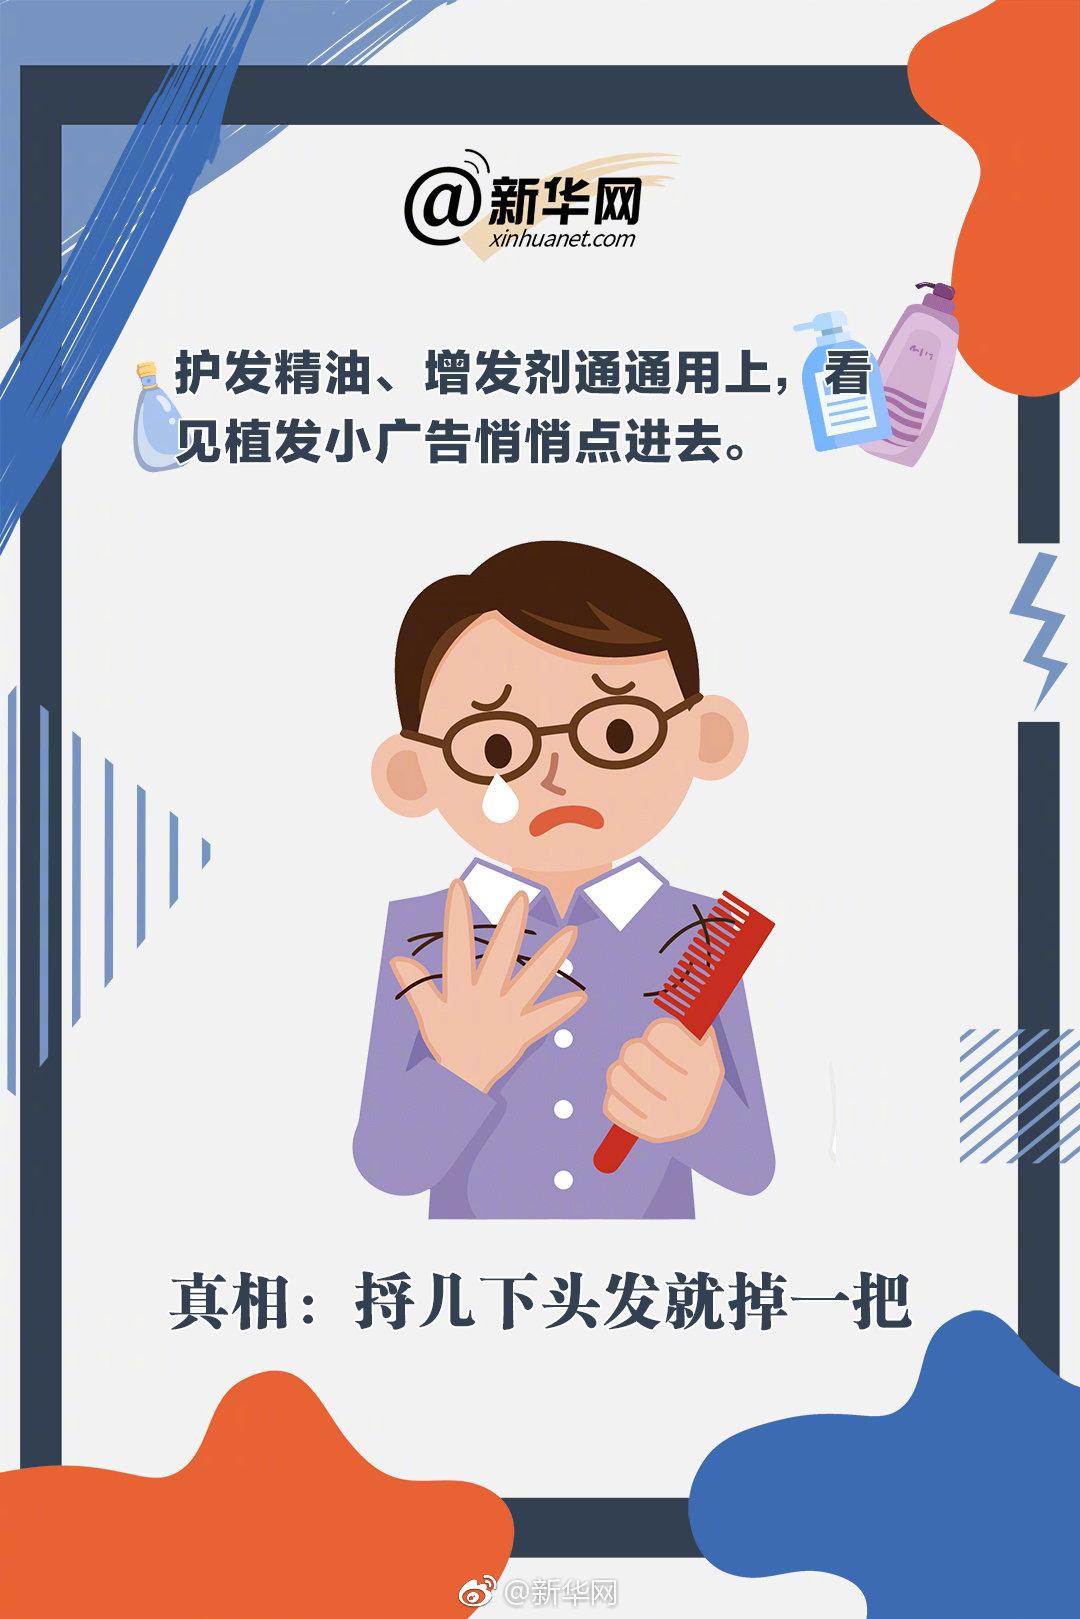 比甲直播广东电视频道